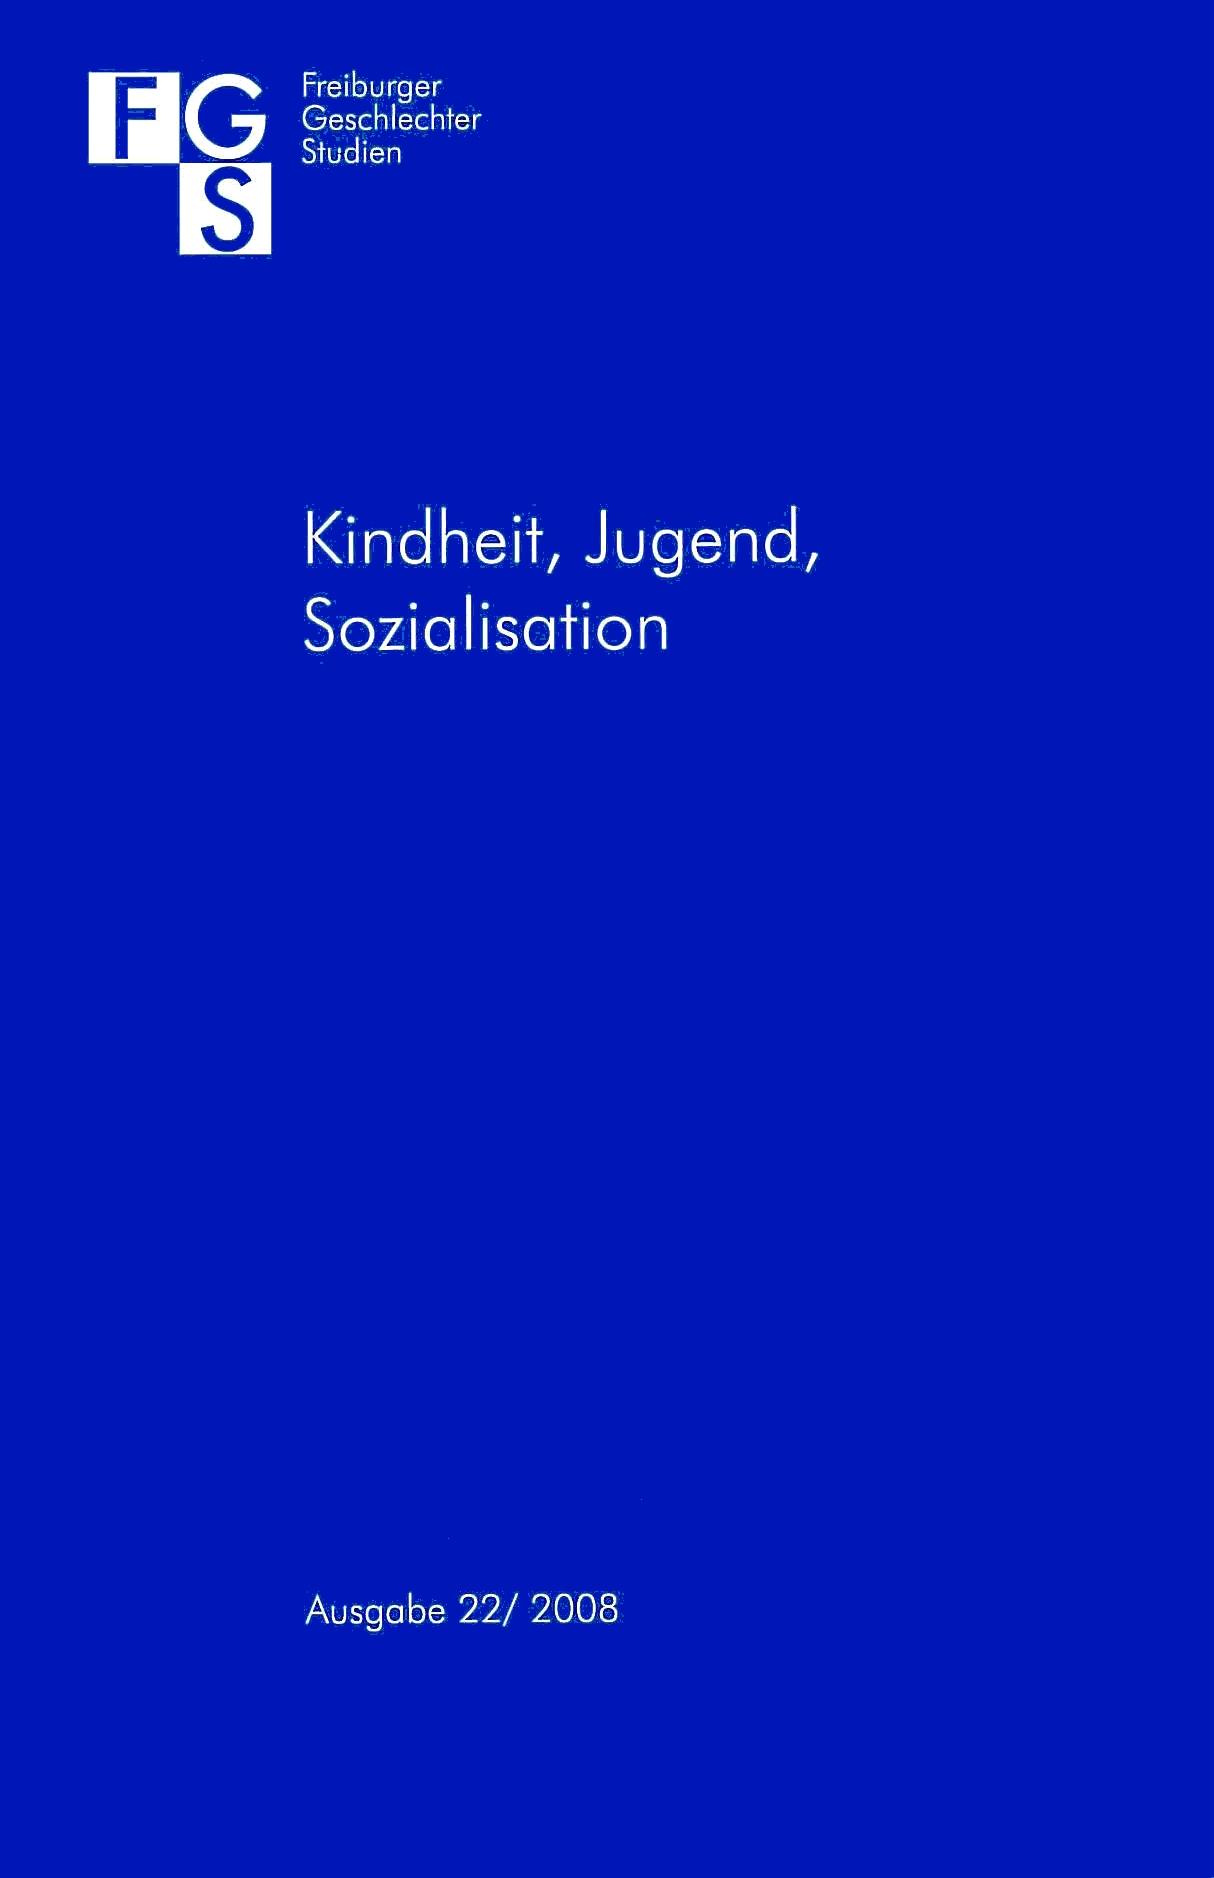 2008Kindheit_Jugend_Soz.jpg